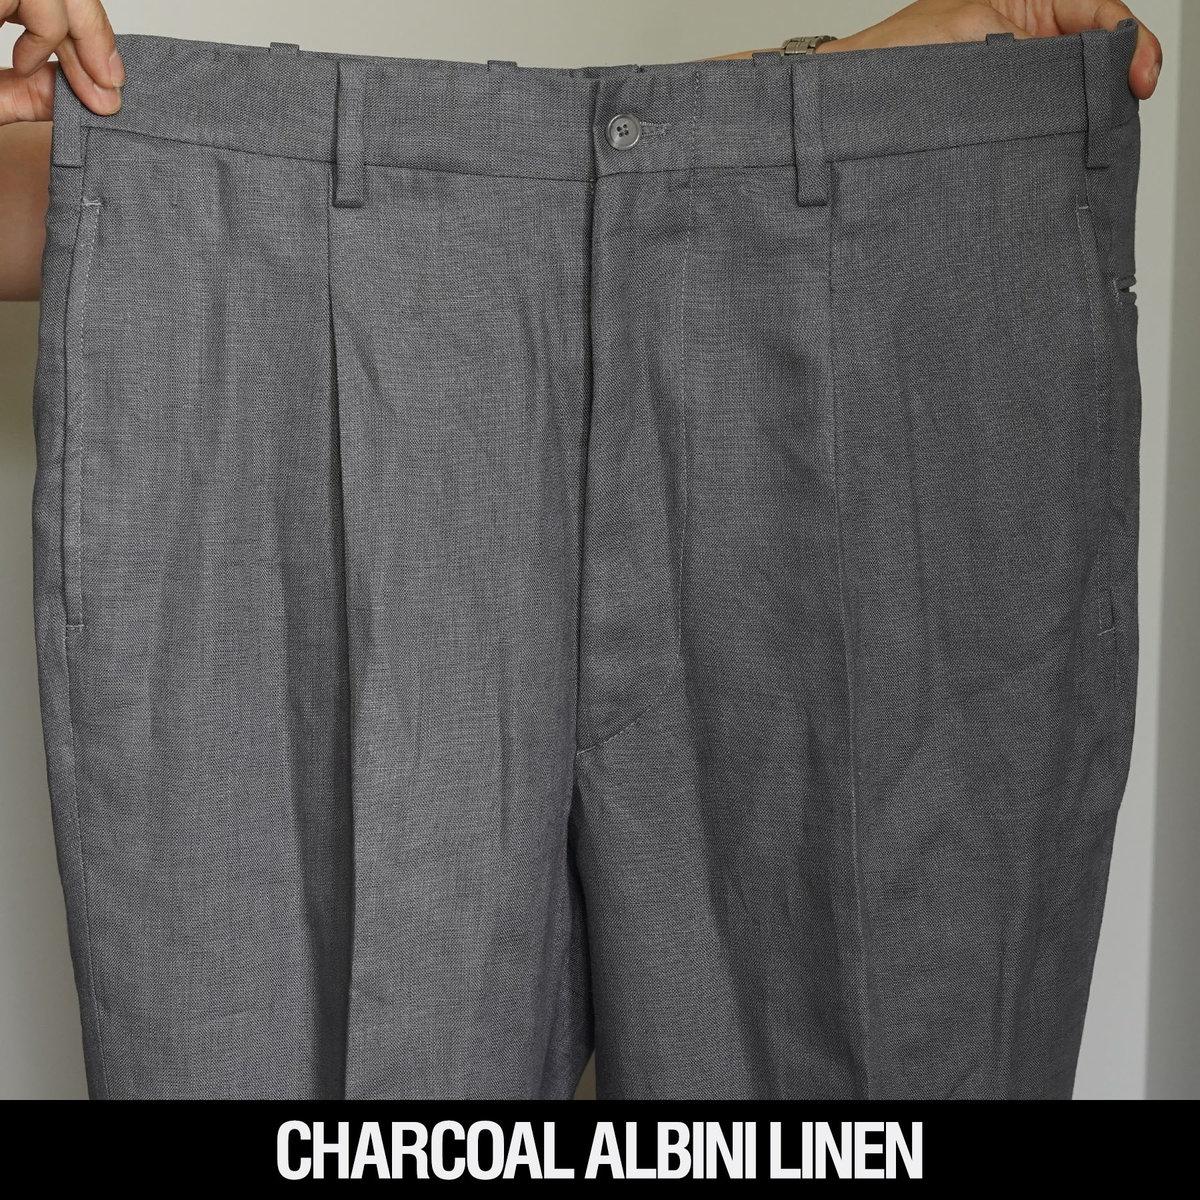 Charcoal Albini Linen.jpg